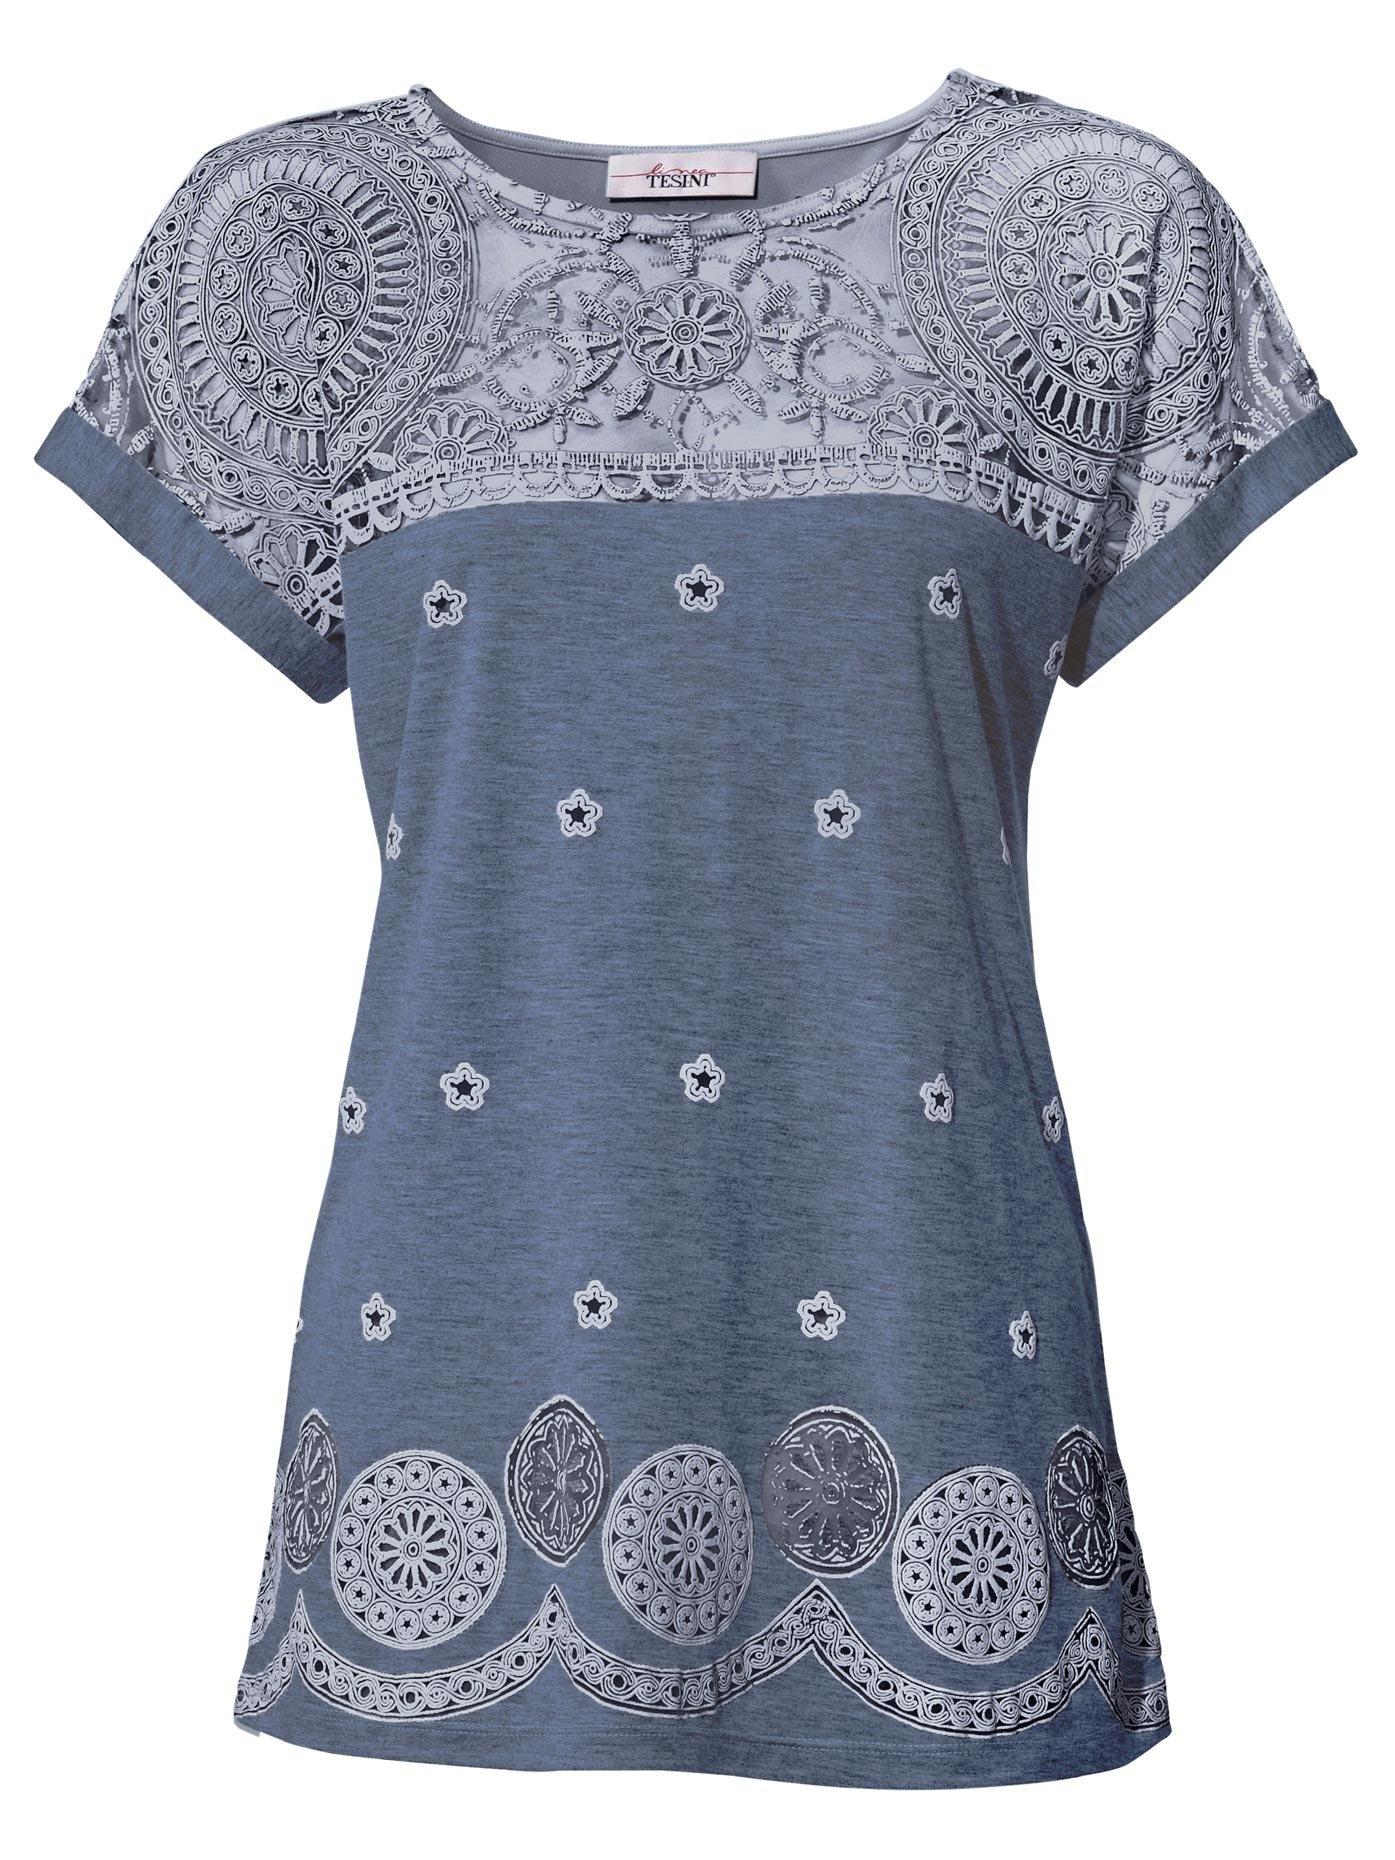 LINEA TESINI by Heine Kanten shirt nu online kopen bij OTTO